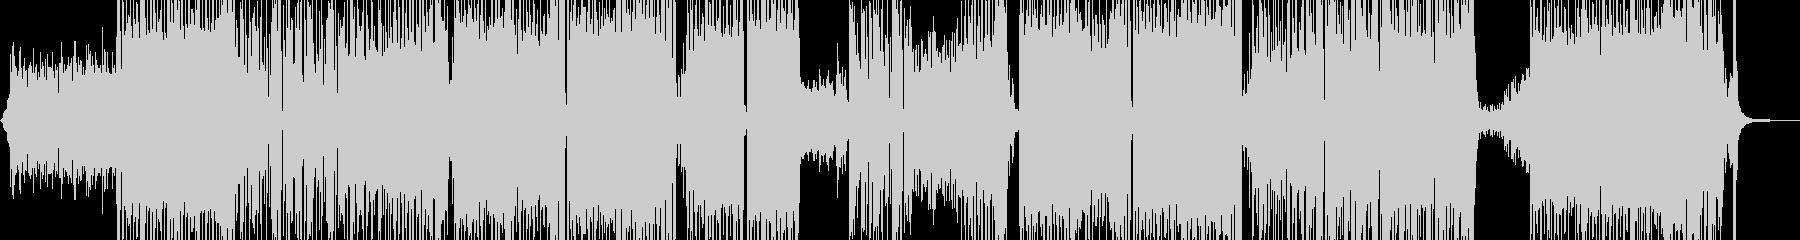 胸キュン・メルヘンな映像に ★L2+の未再生の波形